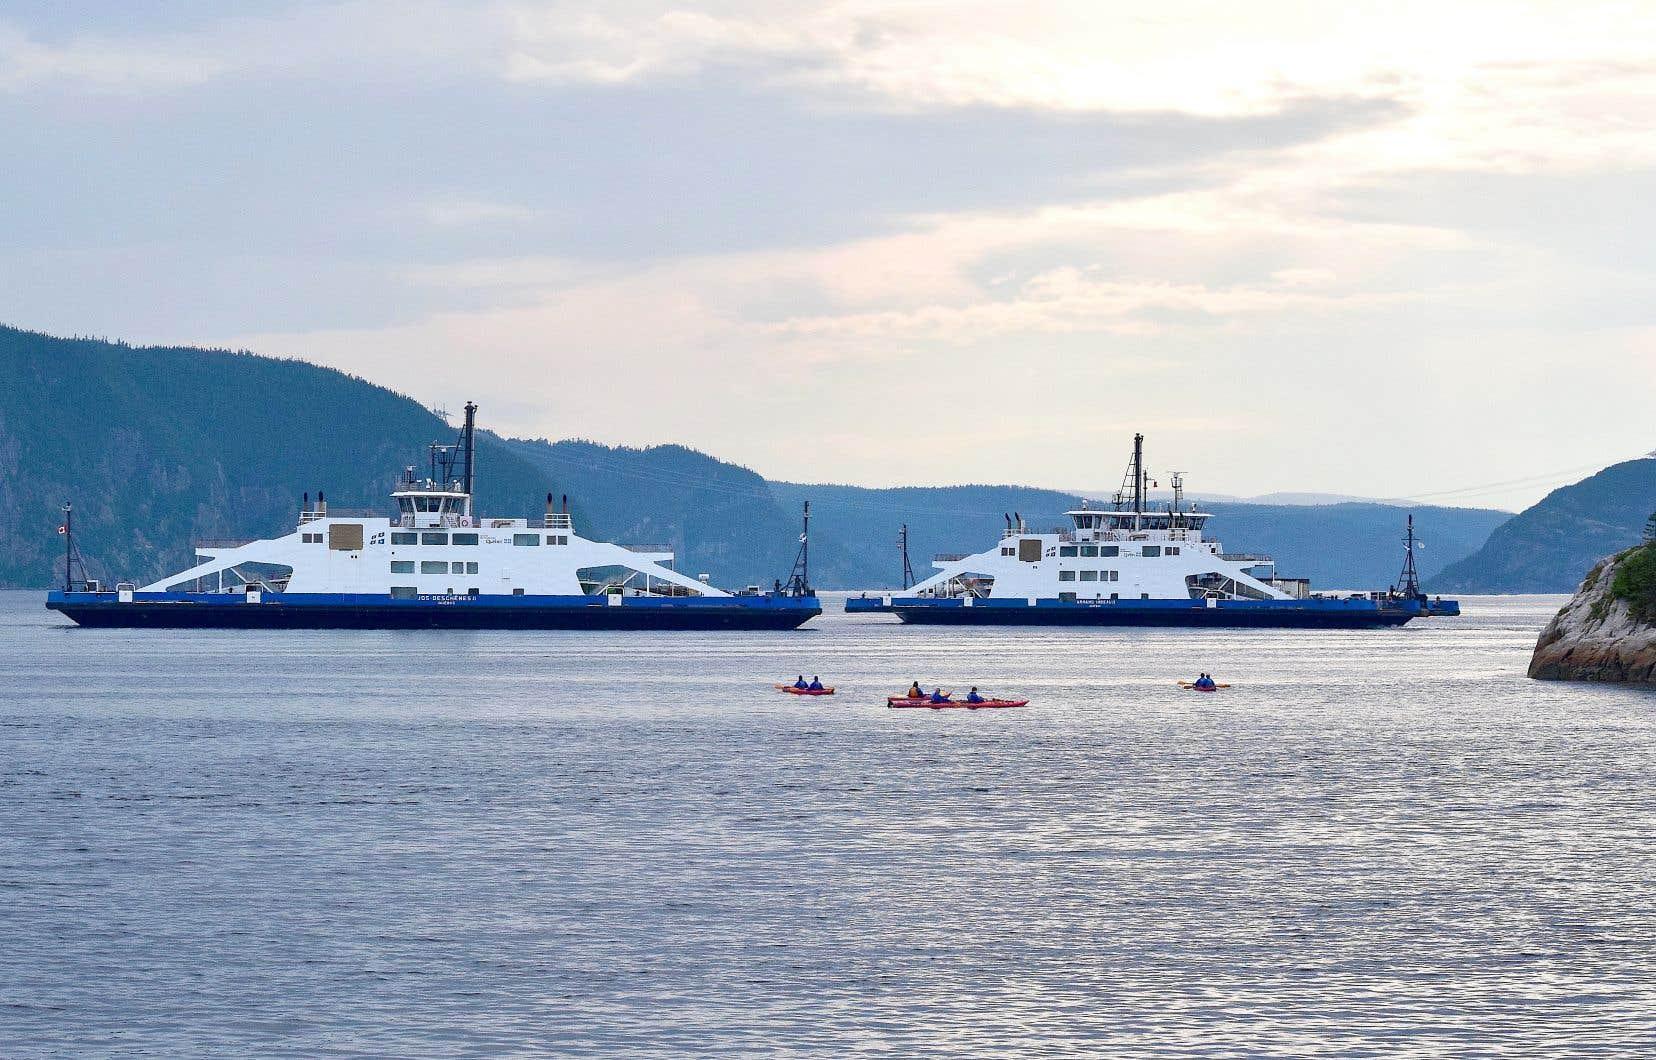 Les méthaniers du projet GNL Québec passeraient par la rivière Saguenay, qui fait partie du territoire traditionnel des Innus.